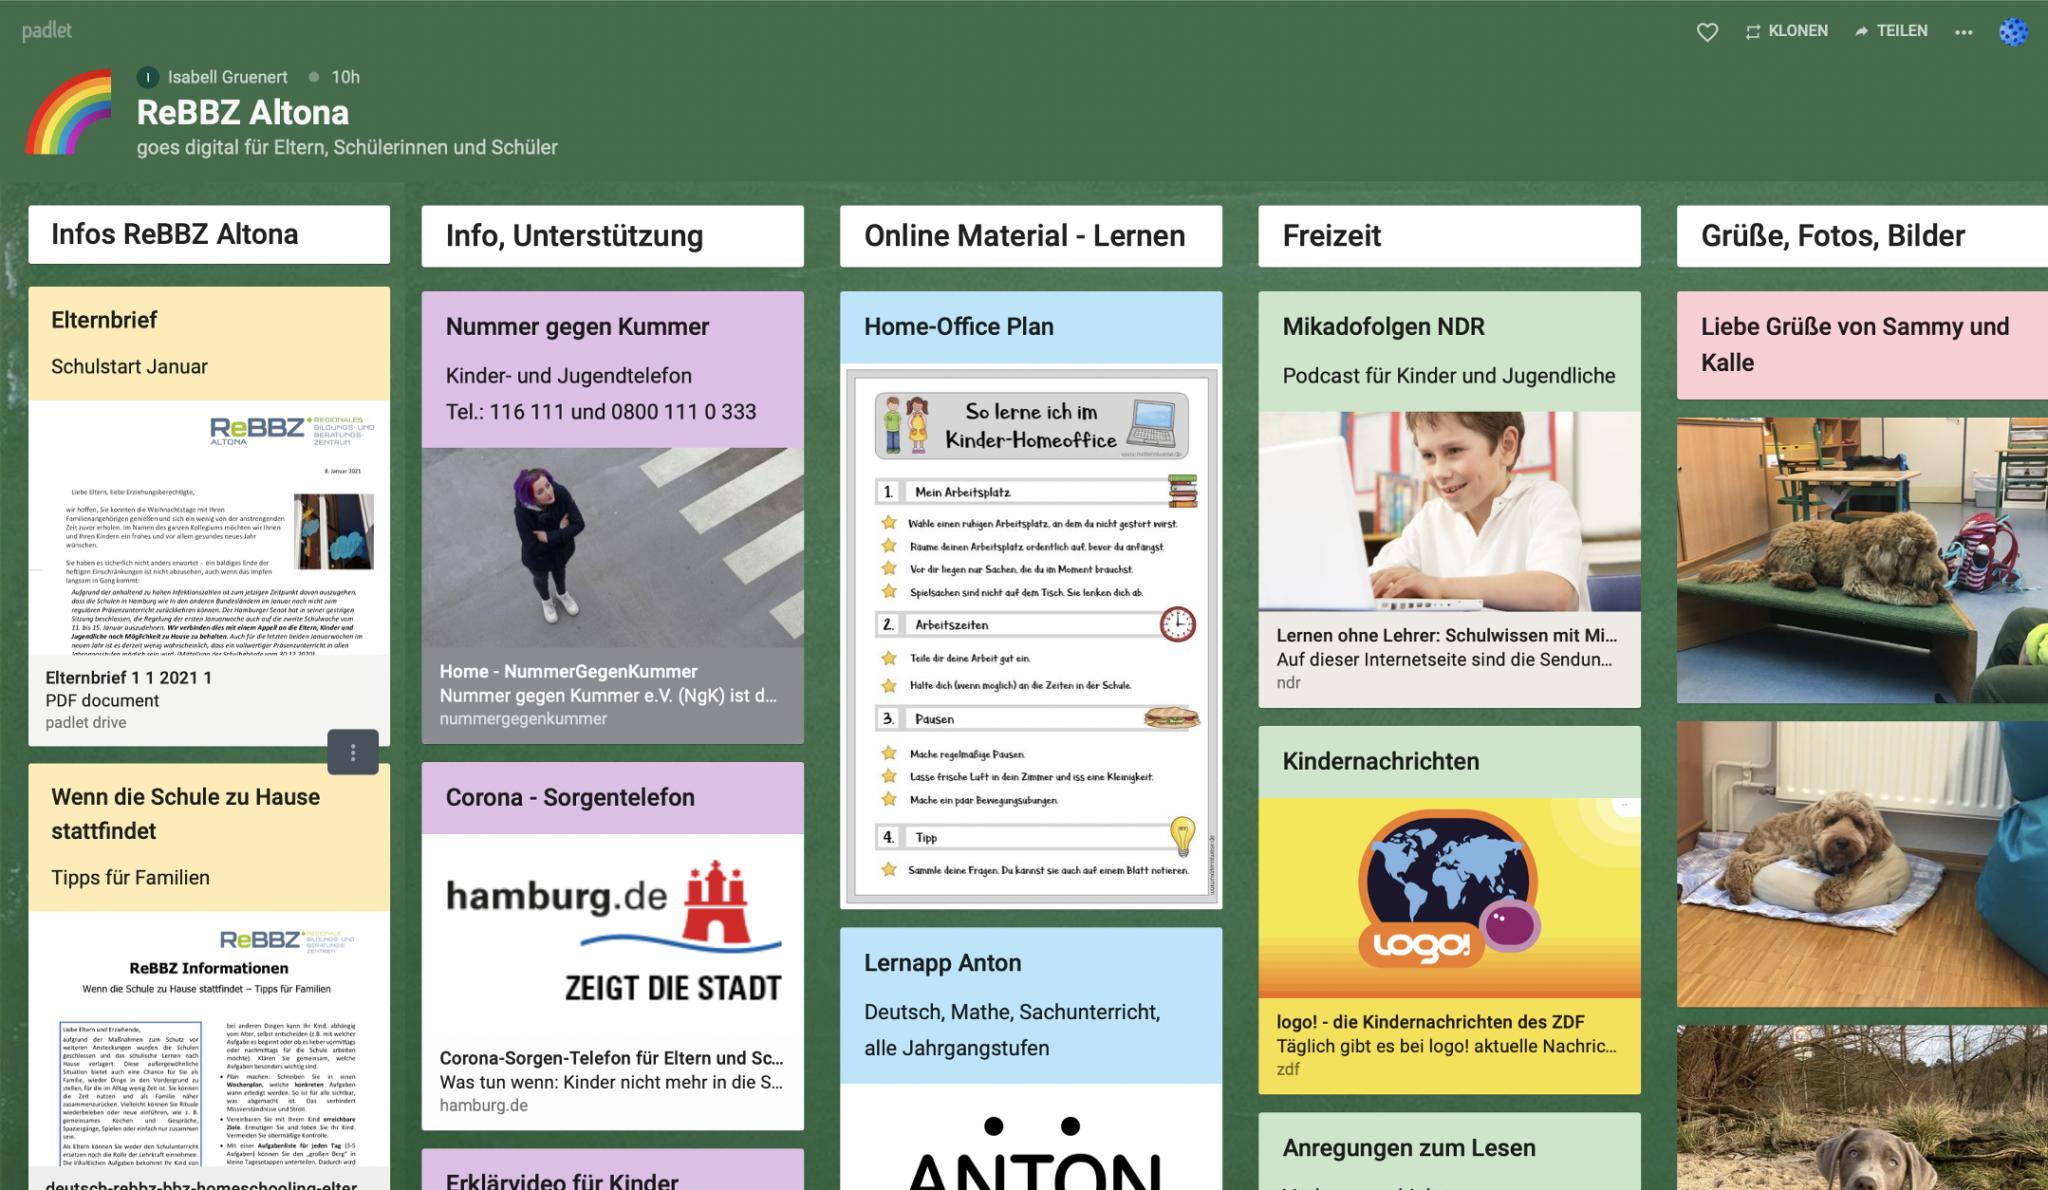 Screenshot des Padlets des ReBBZ Altona